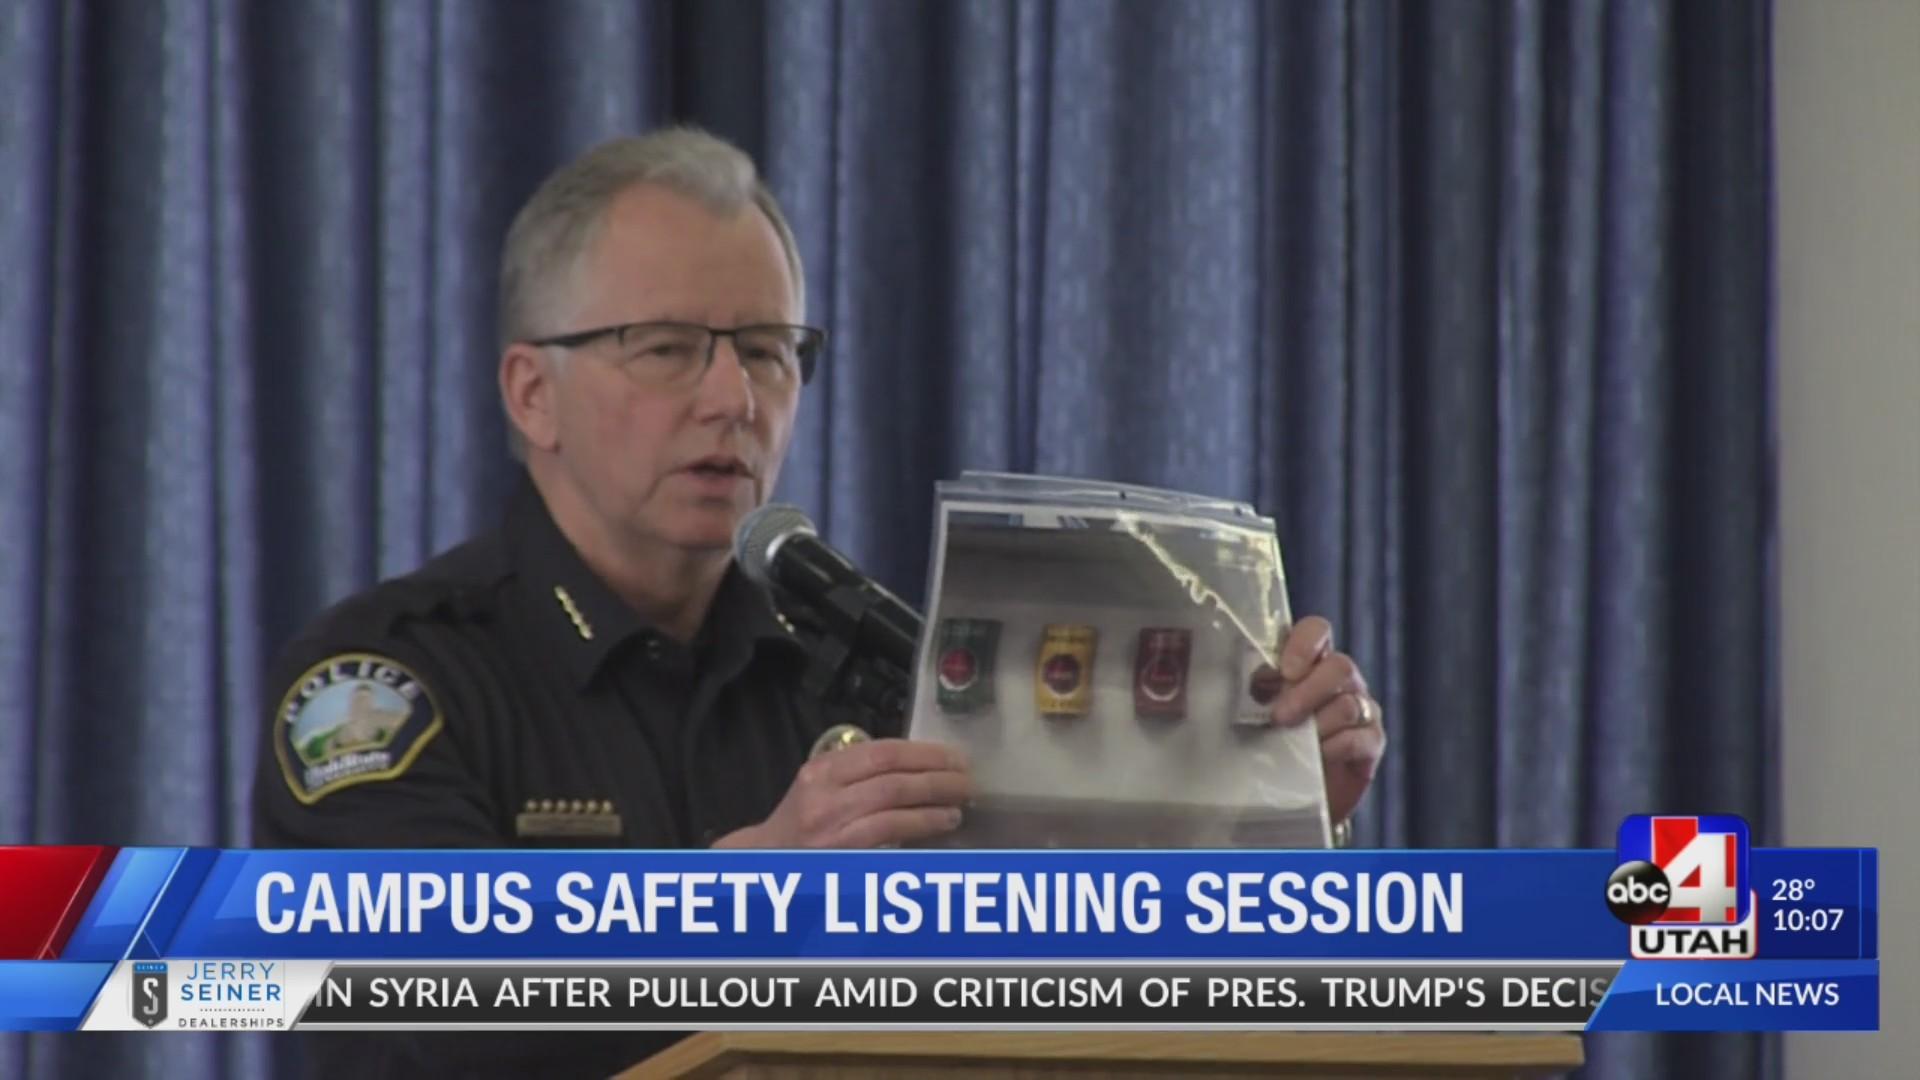 USU hosts listening session after false alarm